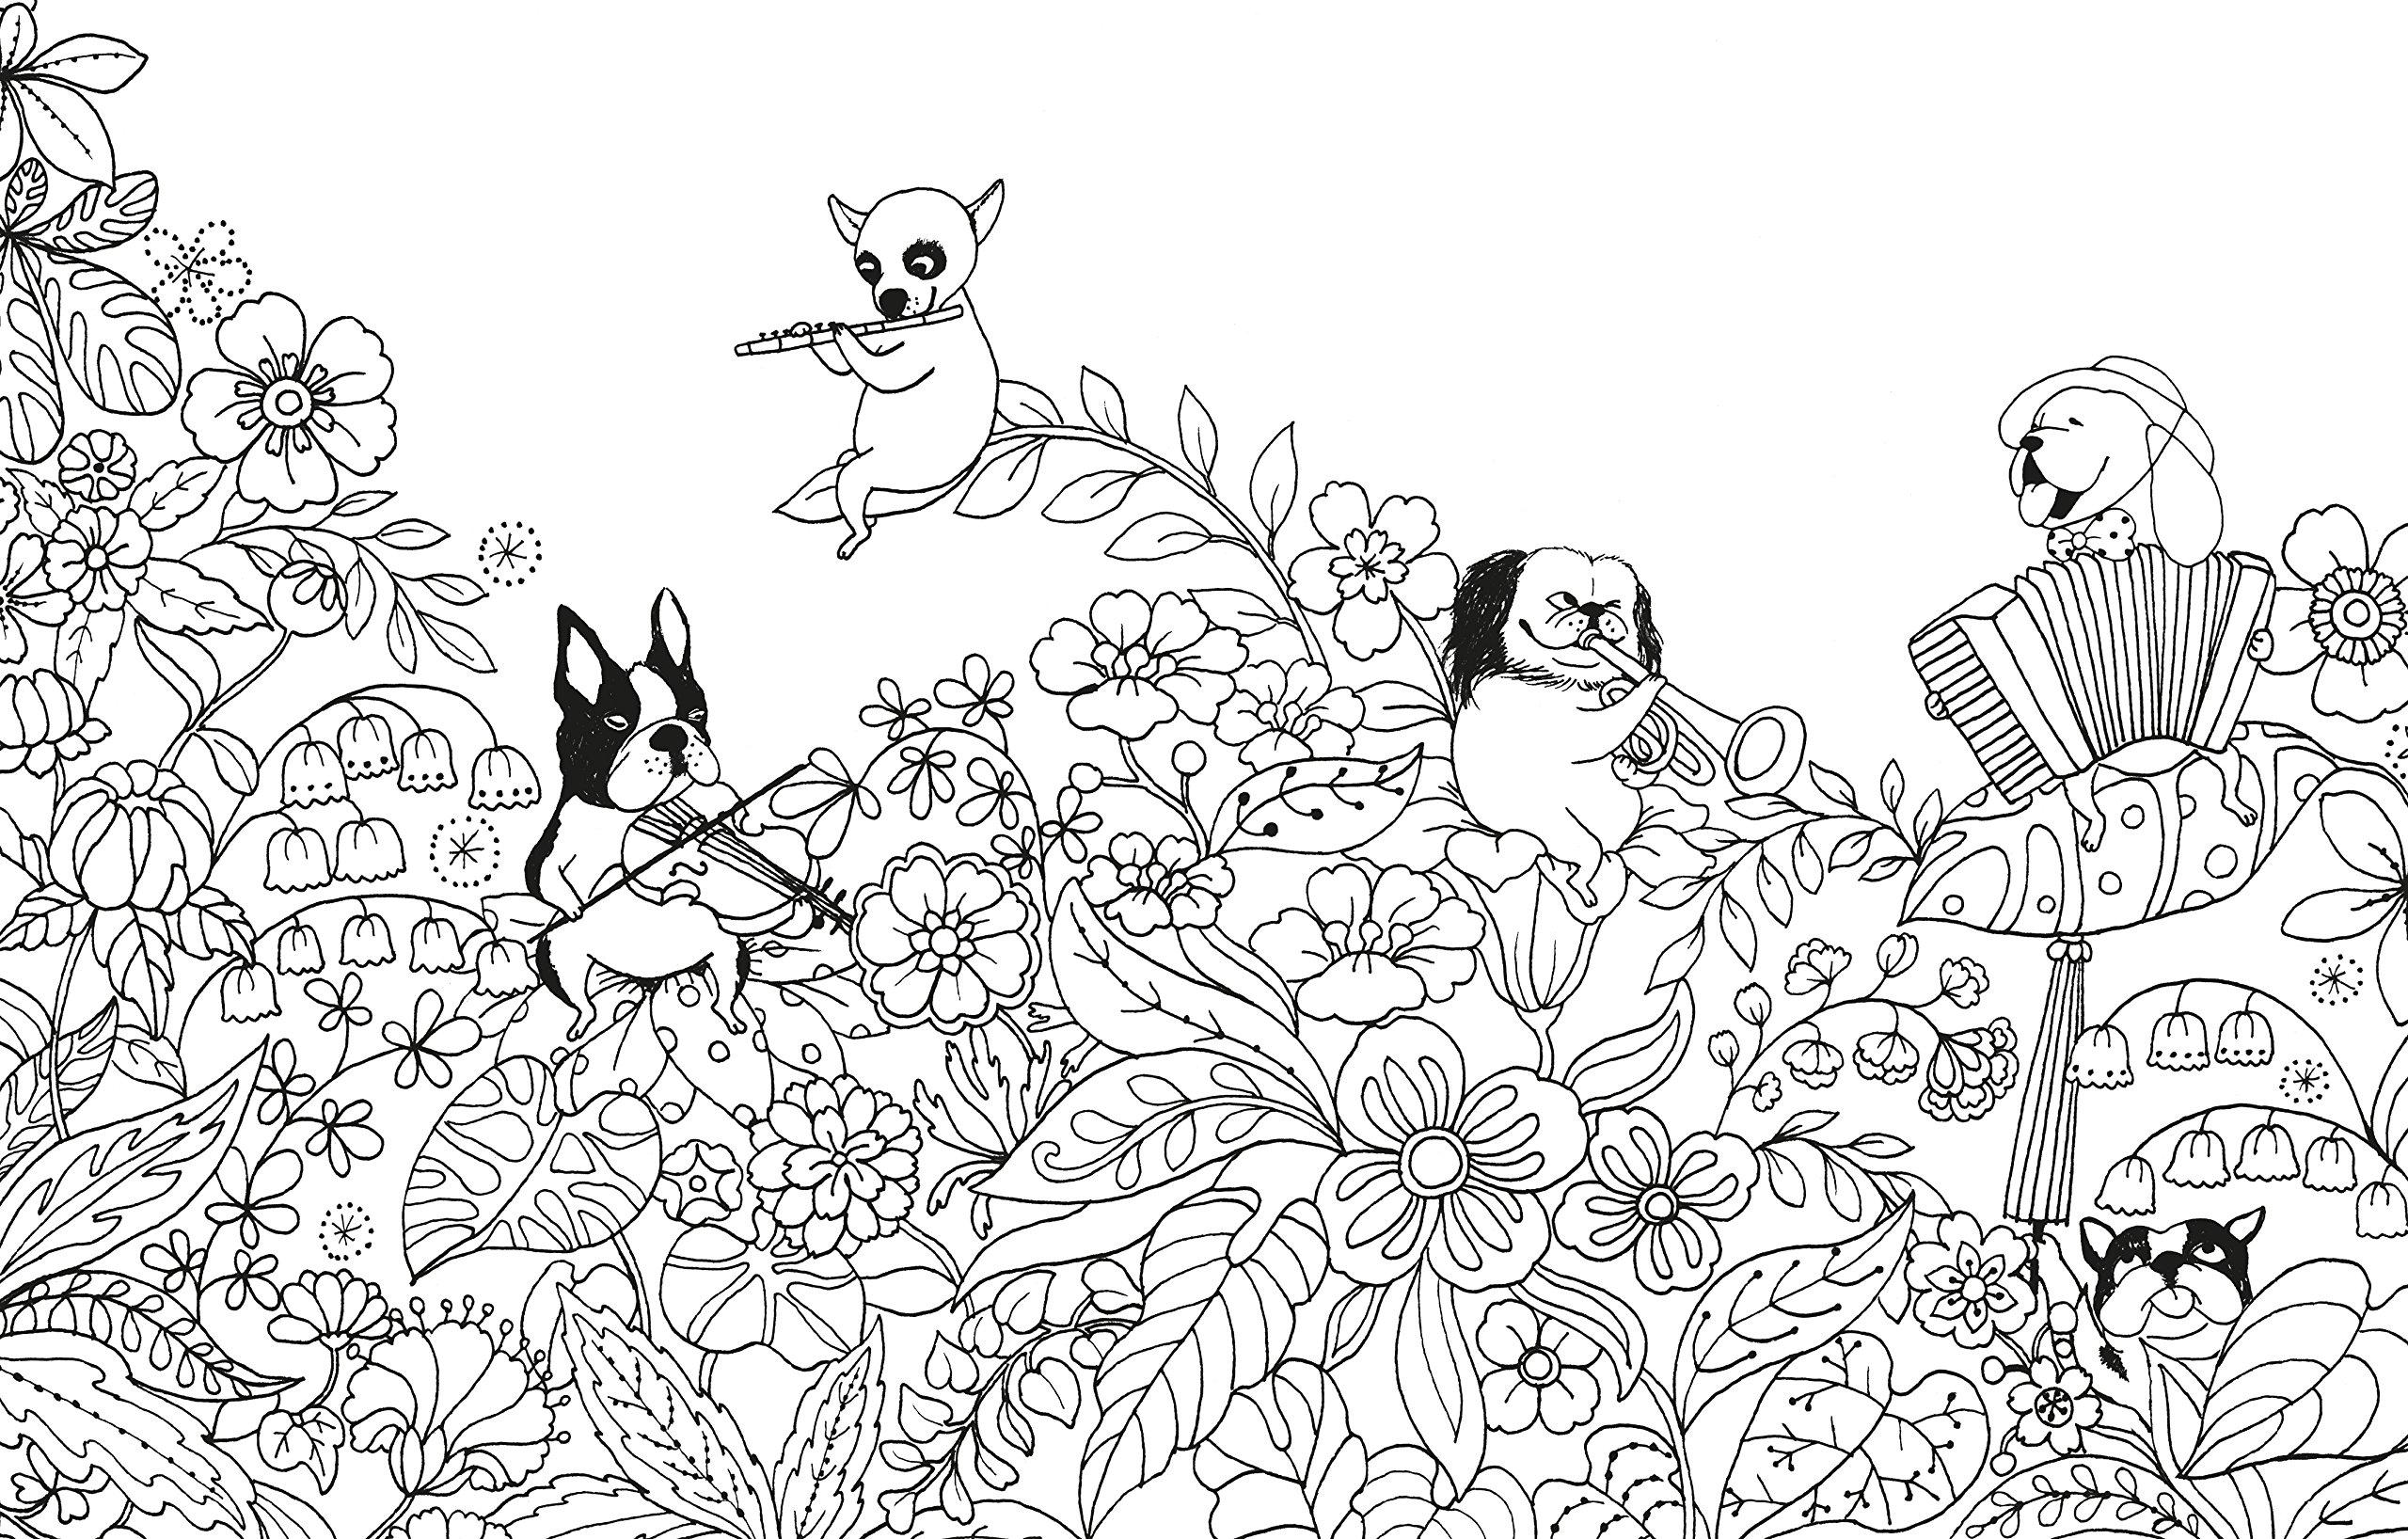 Dibujos De Animales Adorables Para Colorear: Resultado De Imagen Para Perro Salchicha Para Pintar Perros